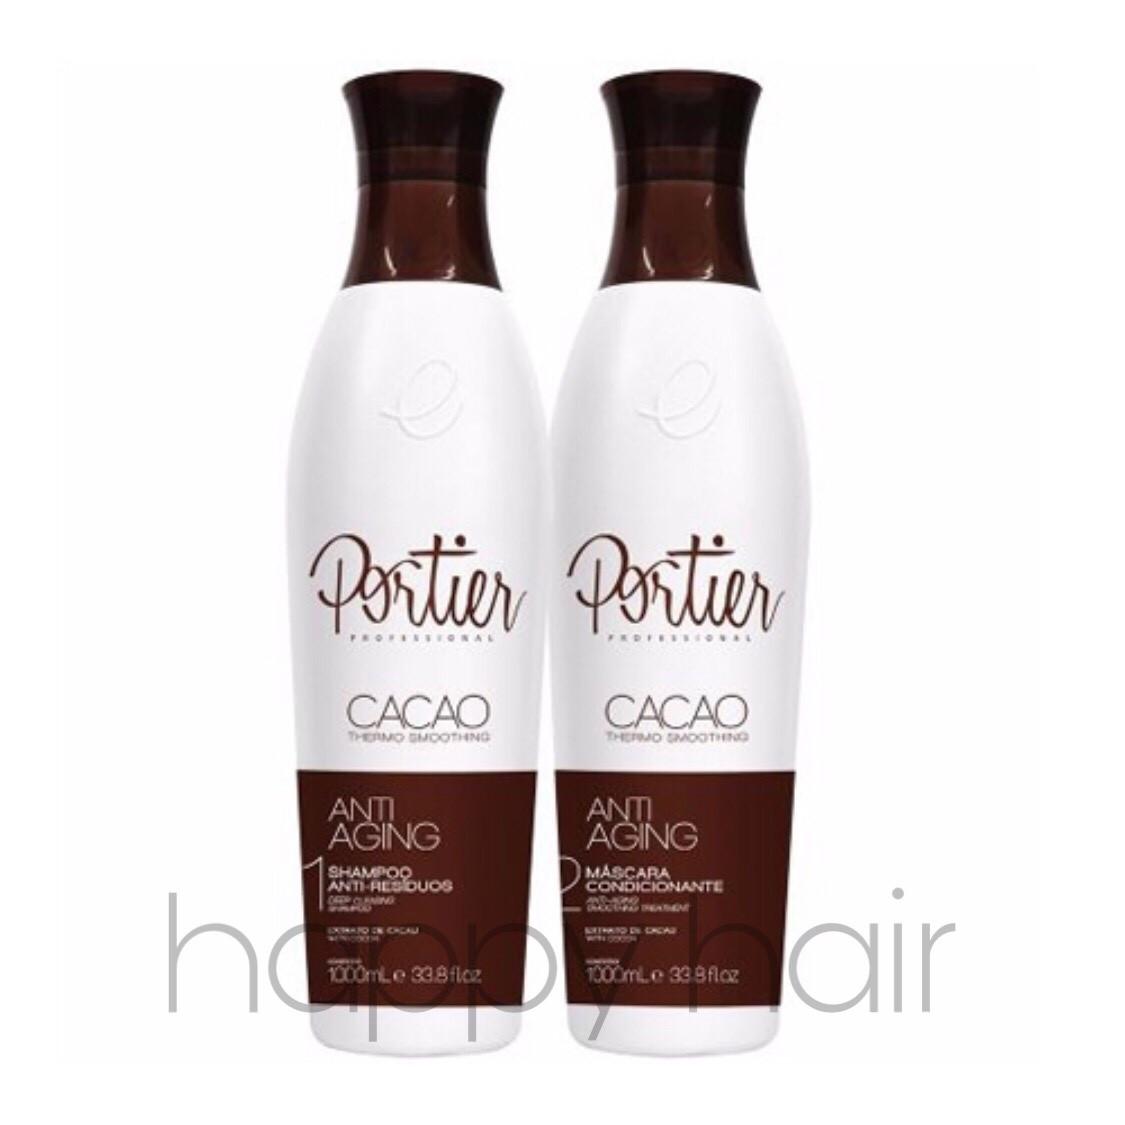 Portier Cacao Набор для кератинового выпрямления 2х1000 мл